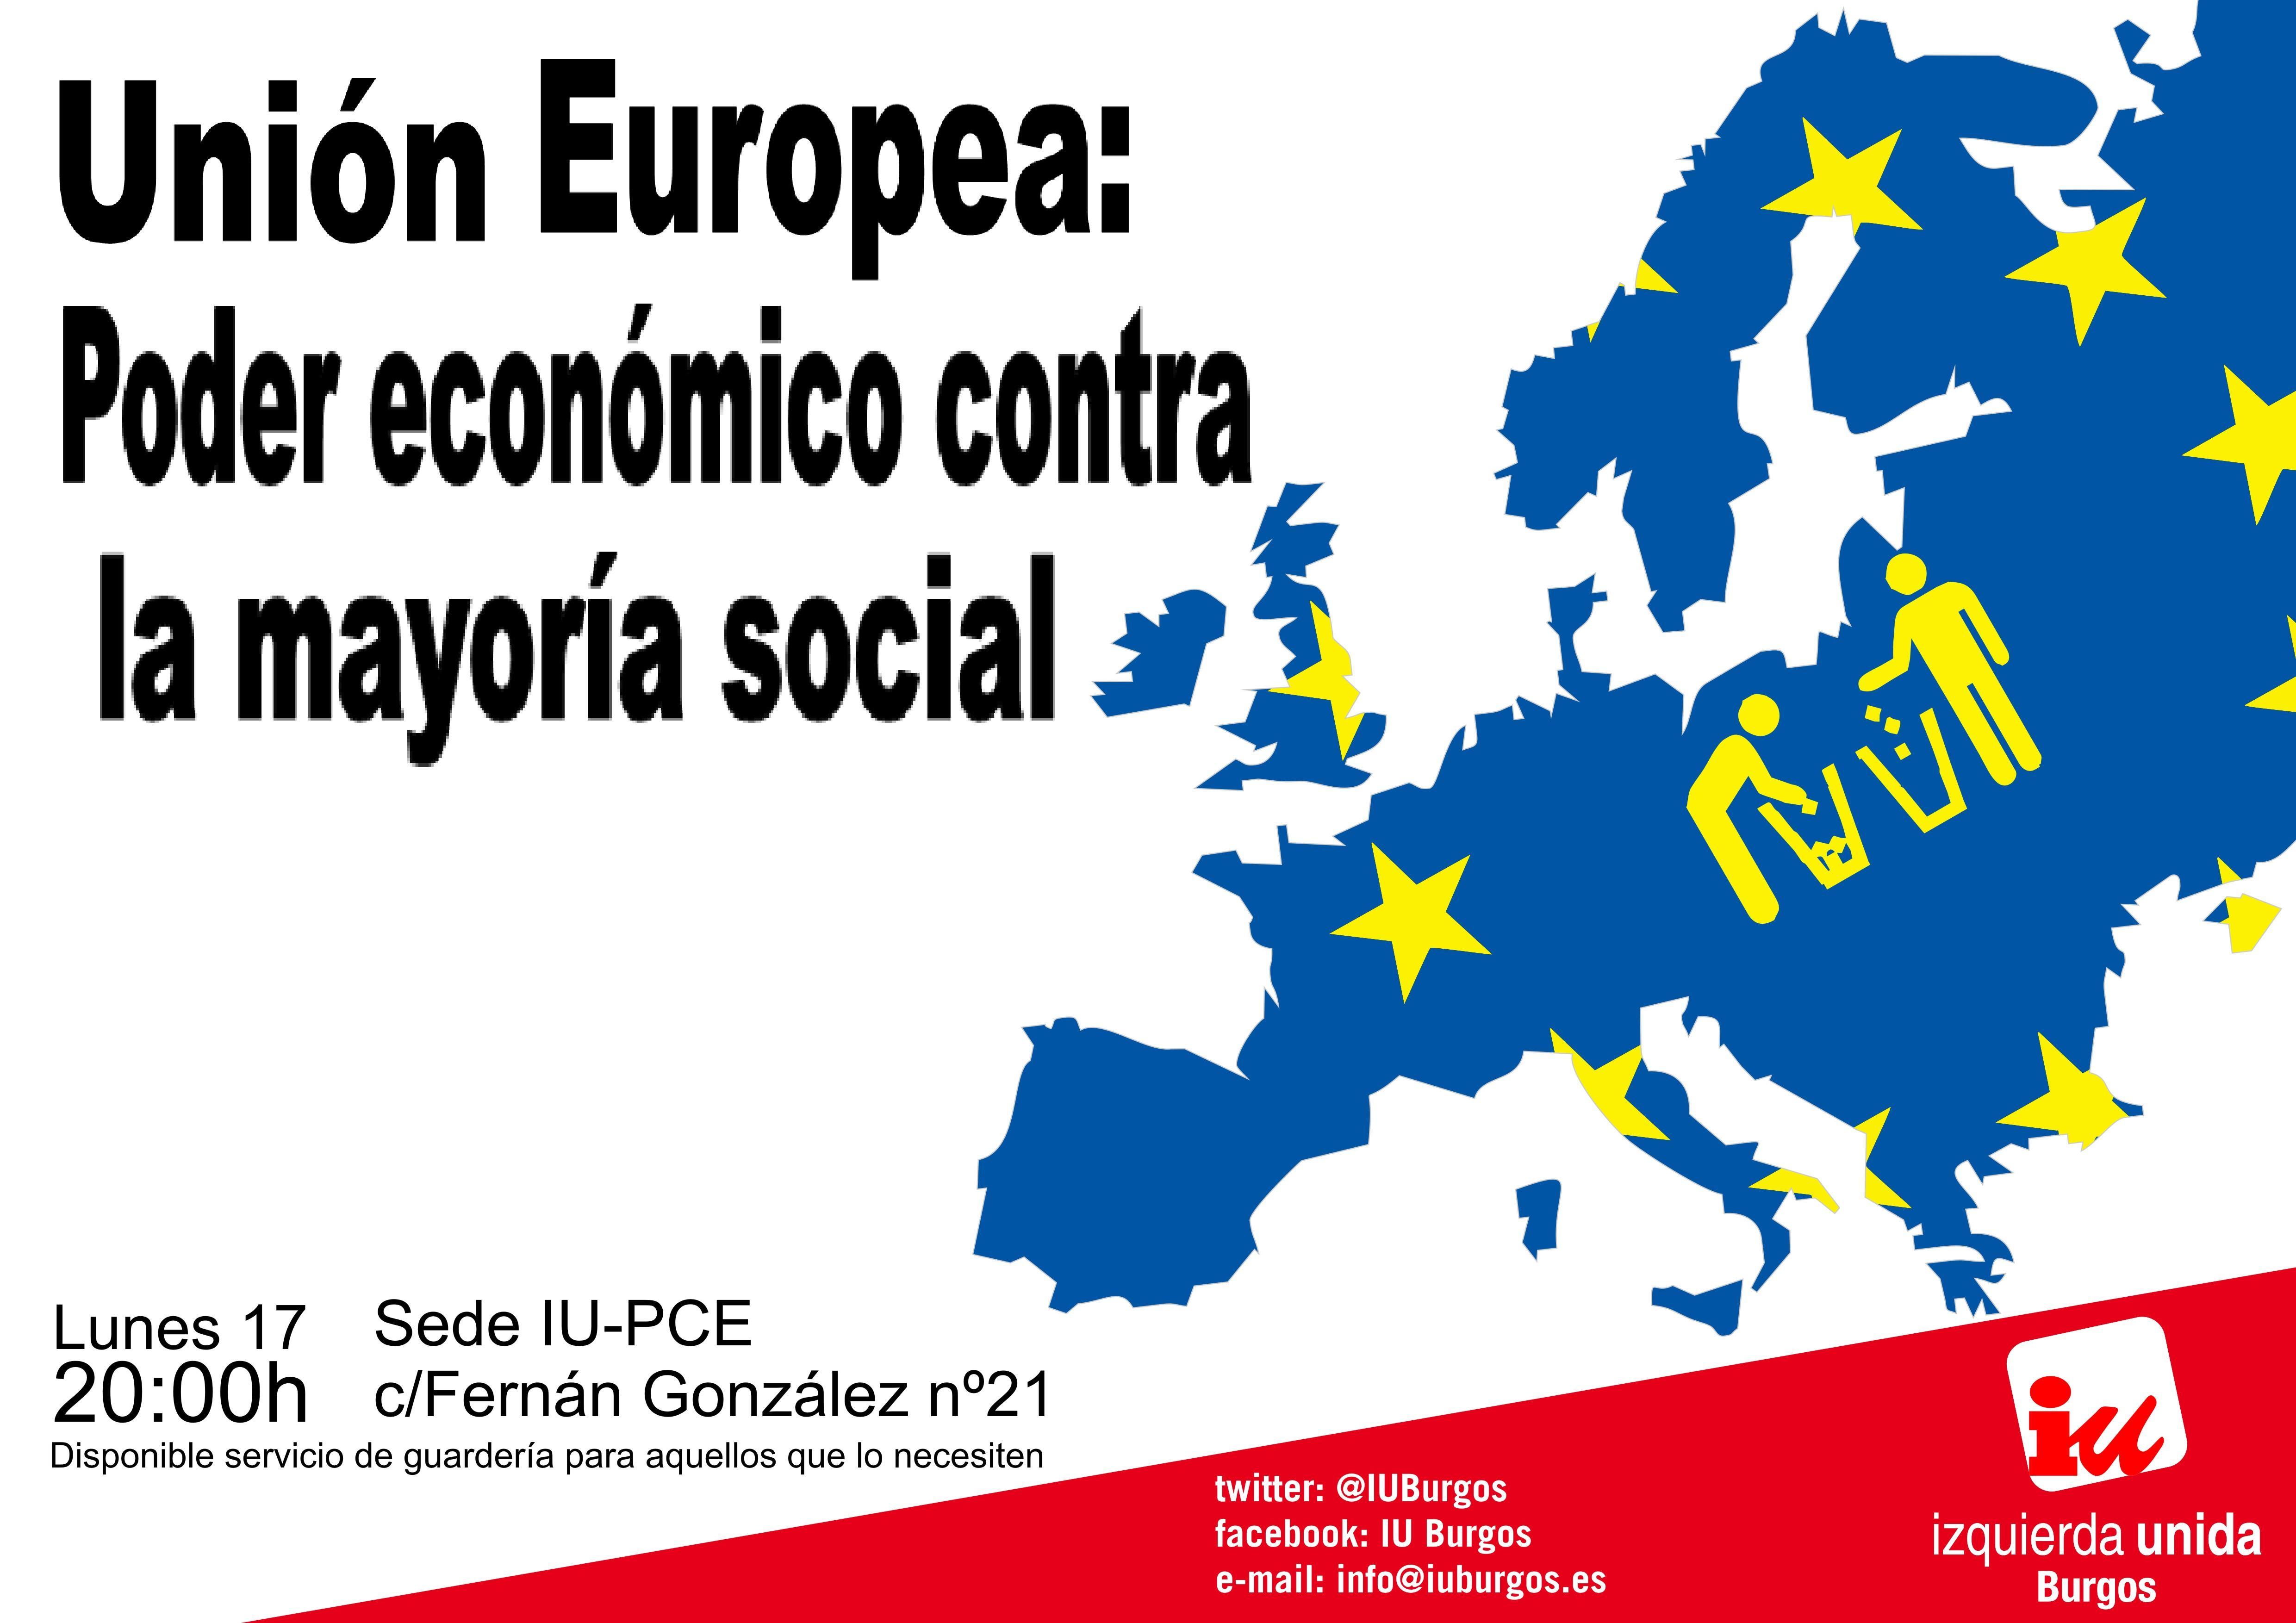 Photo of Lunes 17. Unión Europea: Poder económico contra la mayoría social.